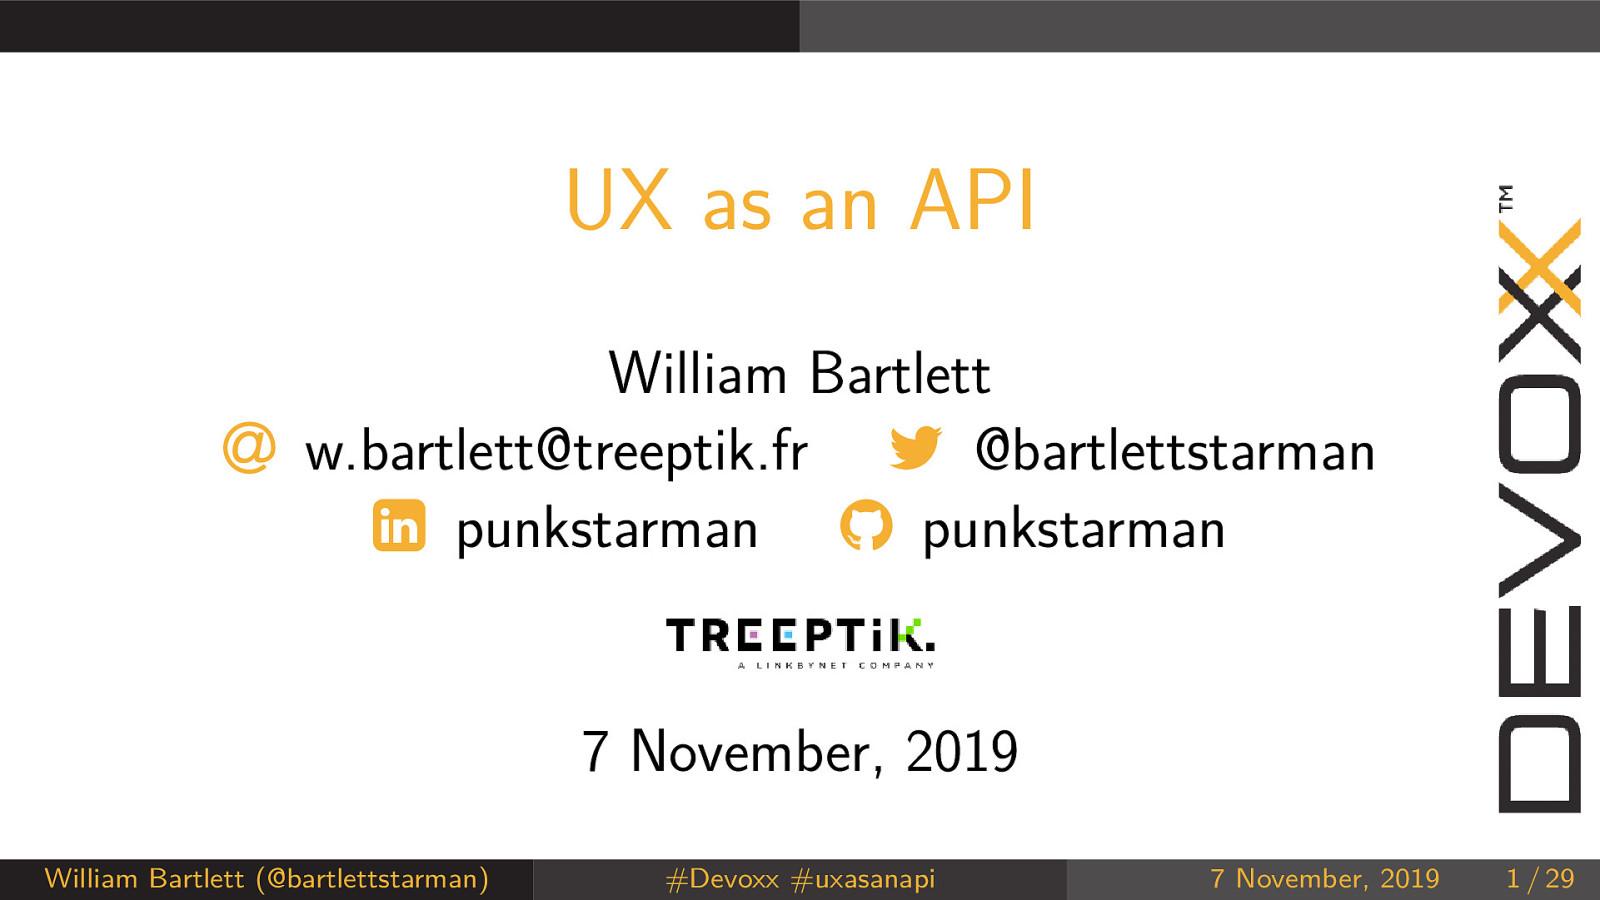 UX as an API